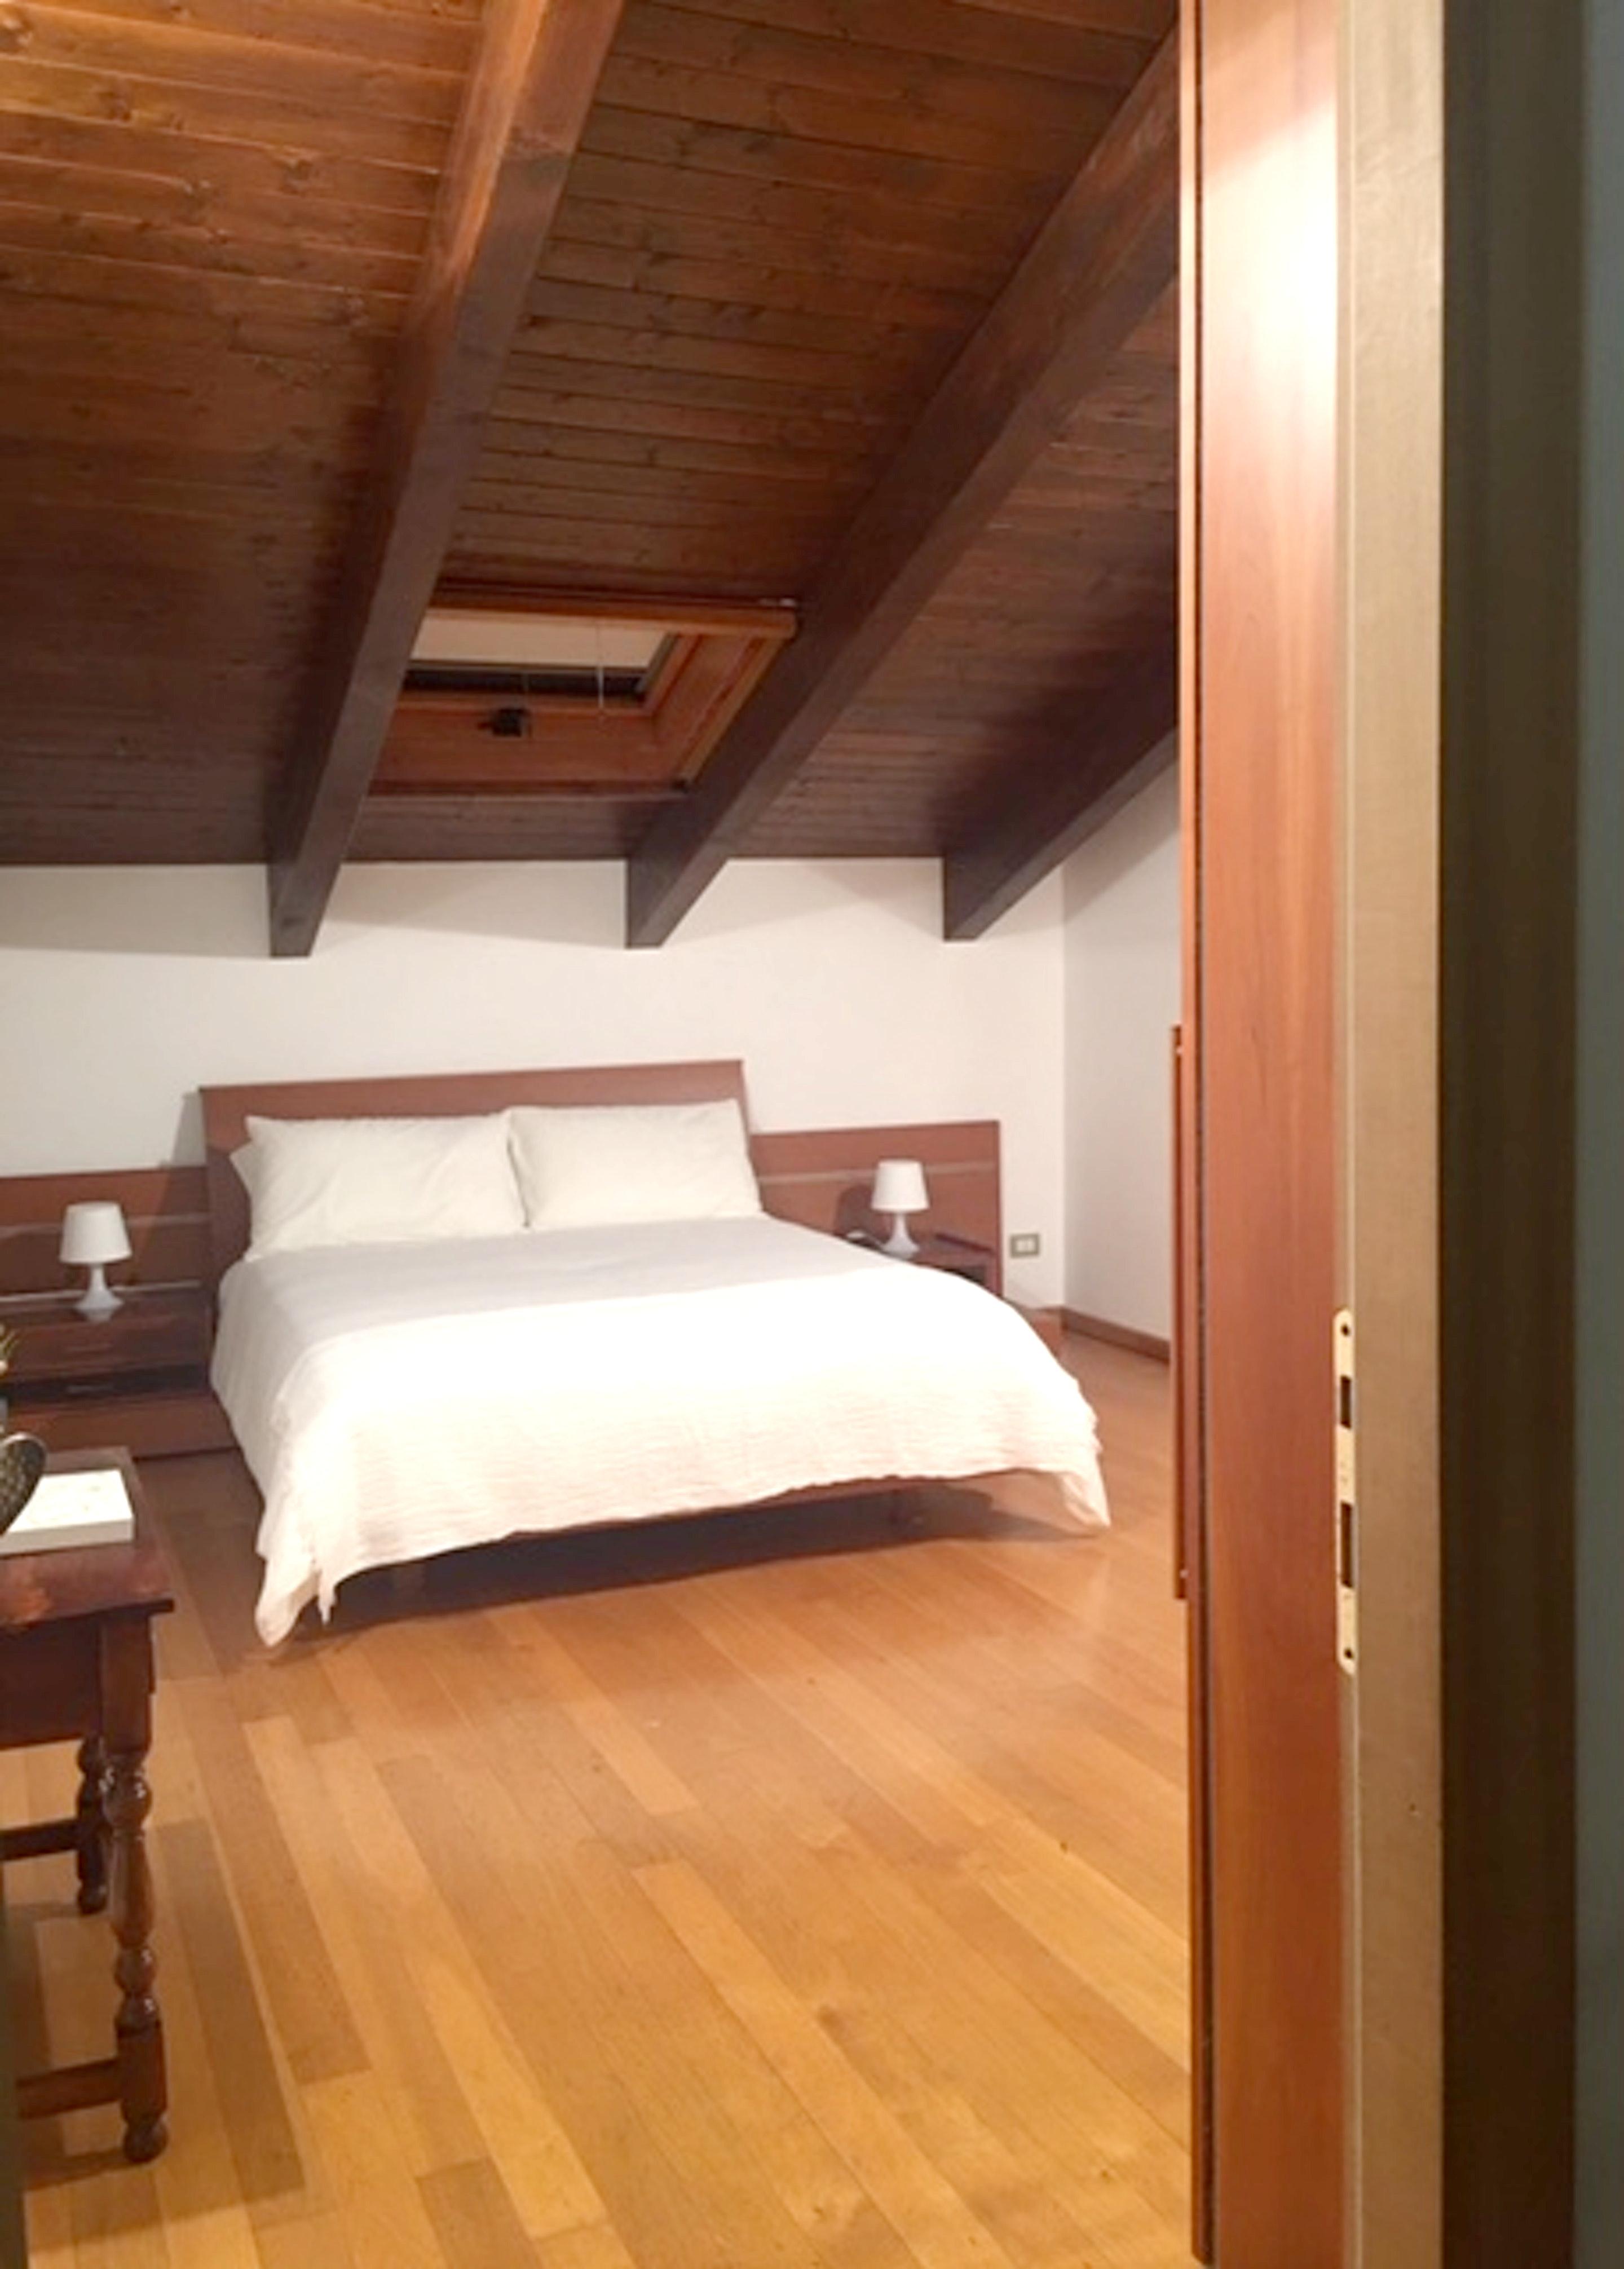 Ferienhaus Haus mit 2 Schlafzimmern in Salerno mit möblierter Terrasse und W-LAN (2644279), Salerno, Salerno, Kampanien, Italien, Bild 36